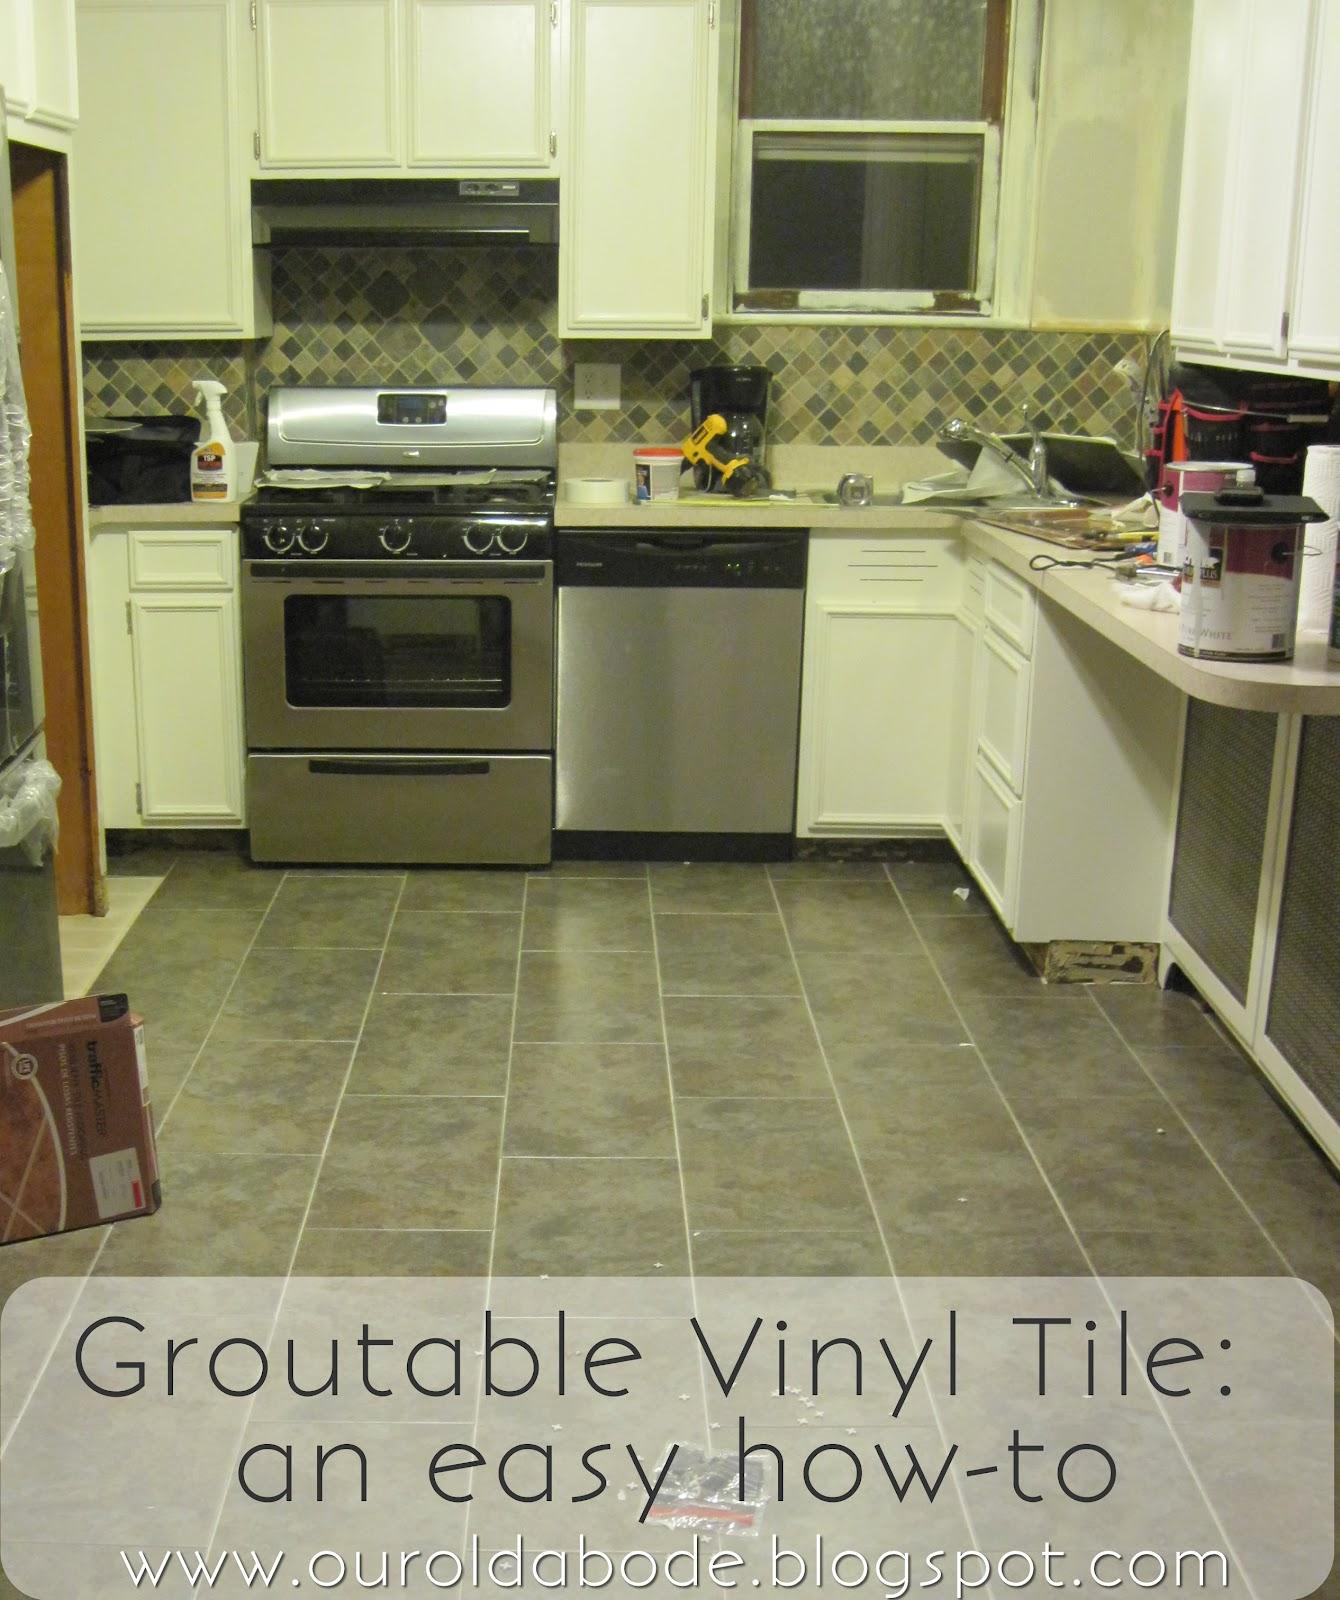 Kitchen Vinyl Bridge Faucet Our Old Abode Floor Groutable Tile